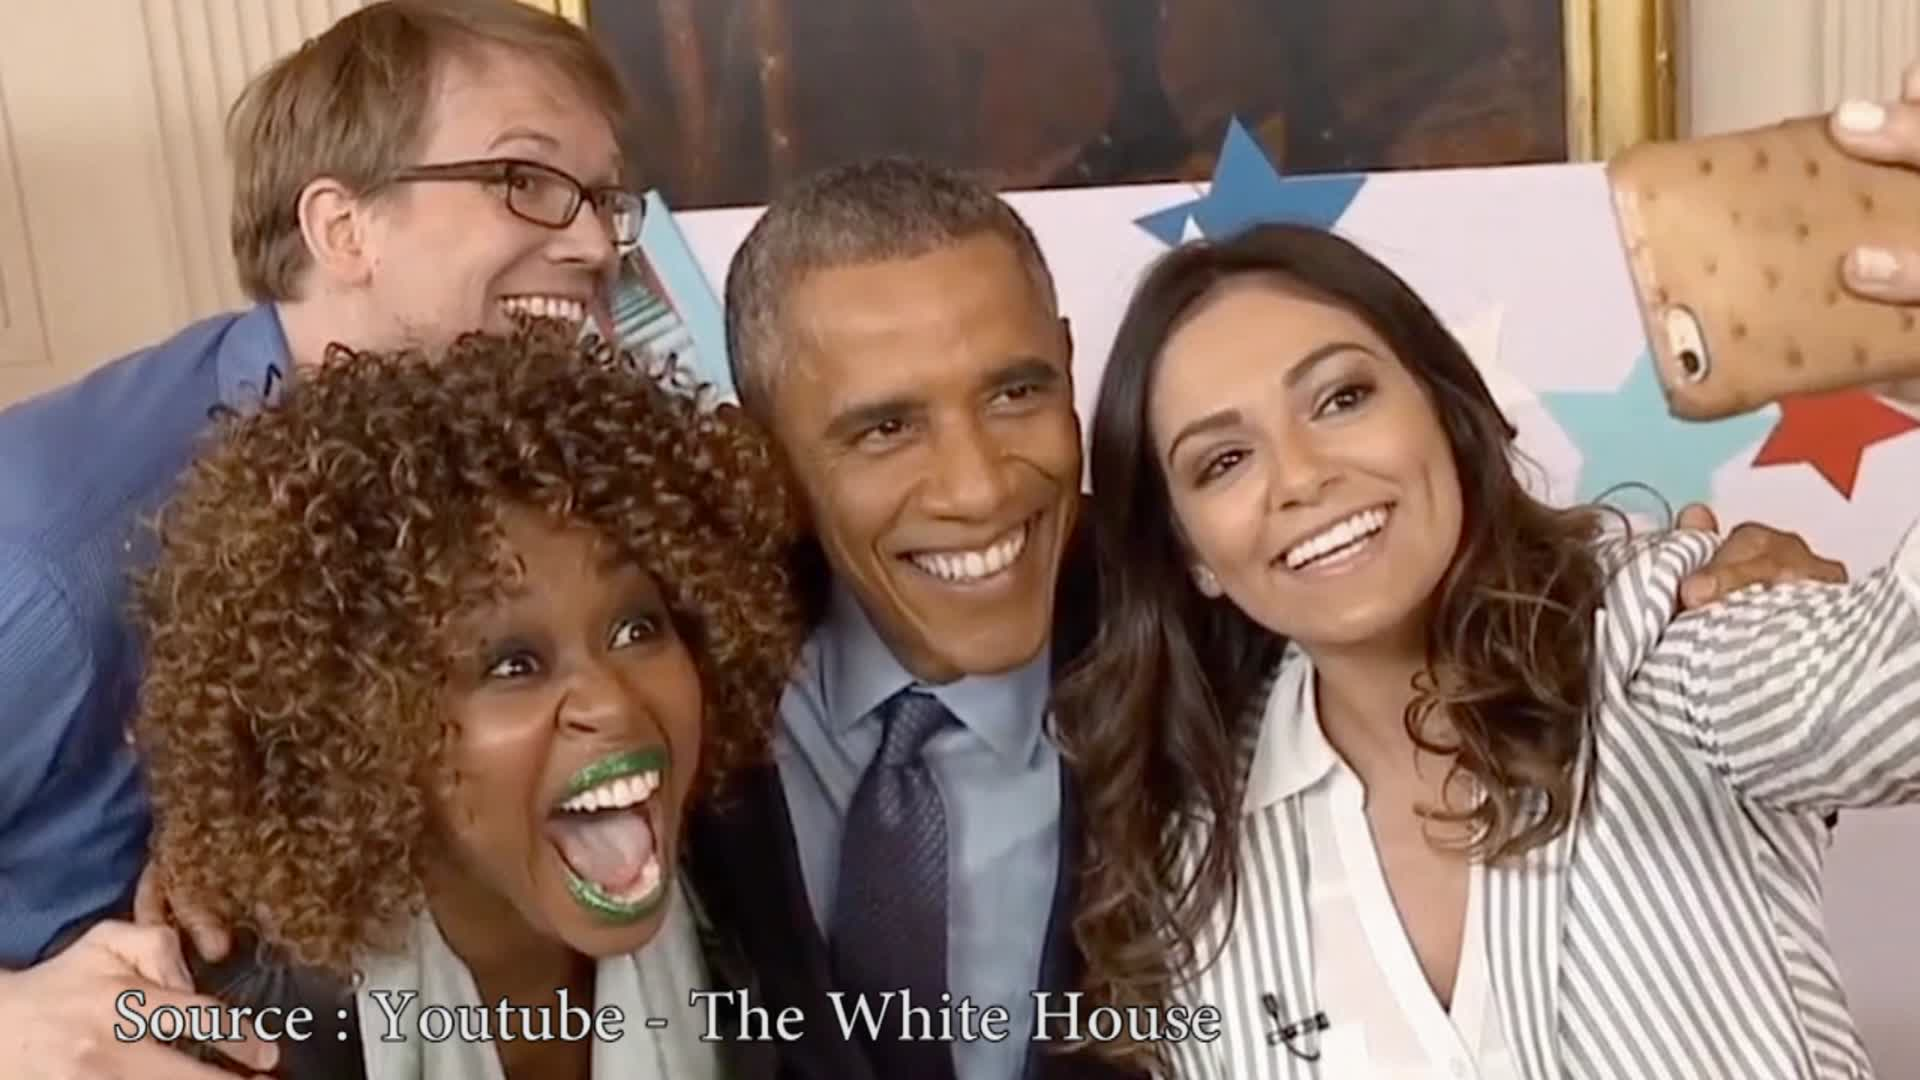 USA : Les démocrates draguent les jeunes via les youtubers - Djiby en France